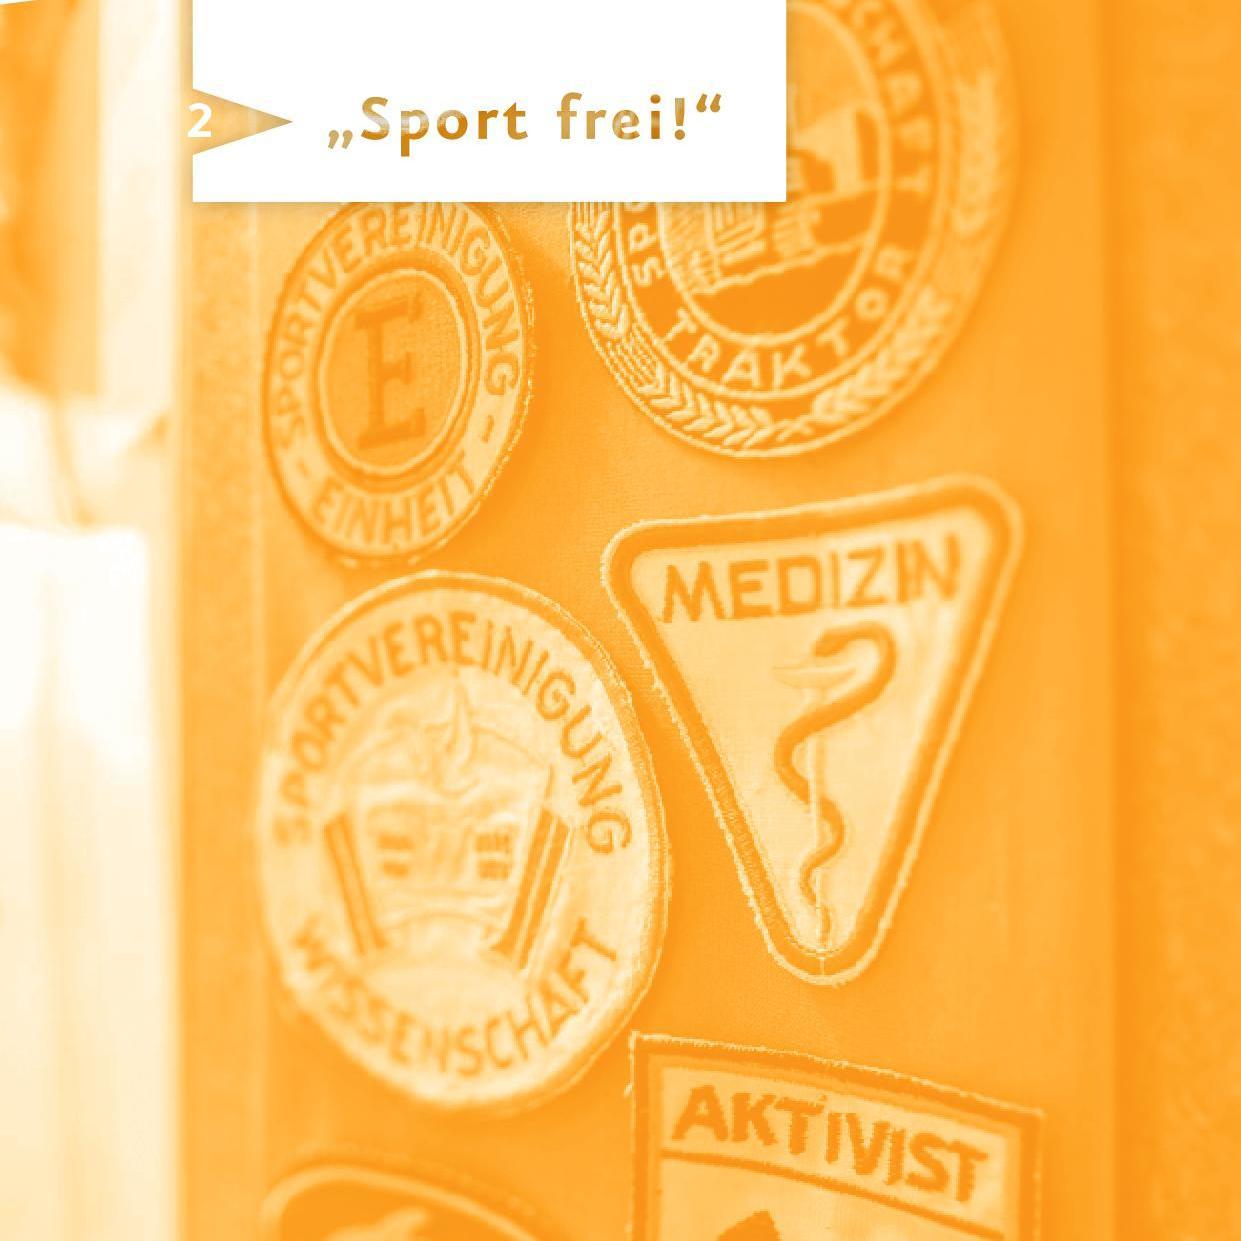 Seite 'Sport frei!' aus dem Spurensuche-Block